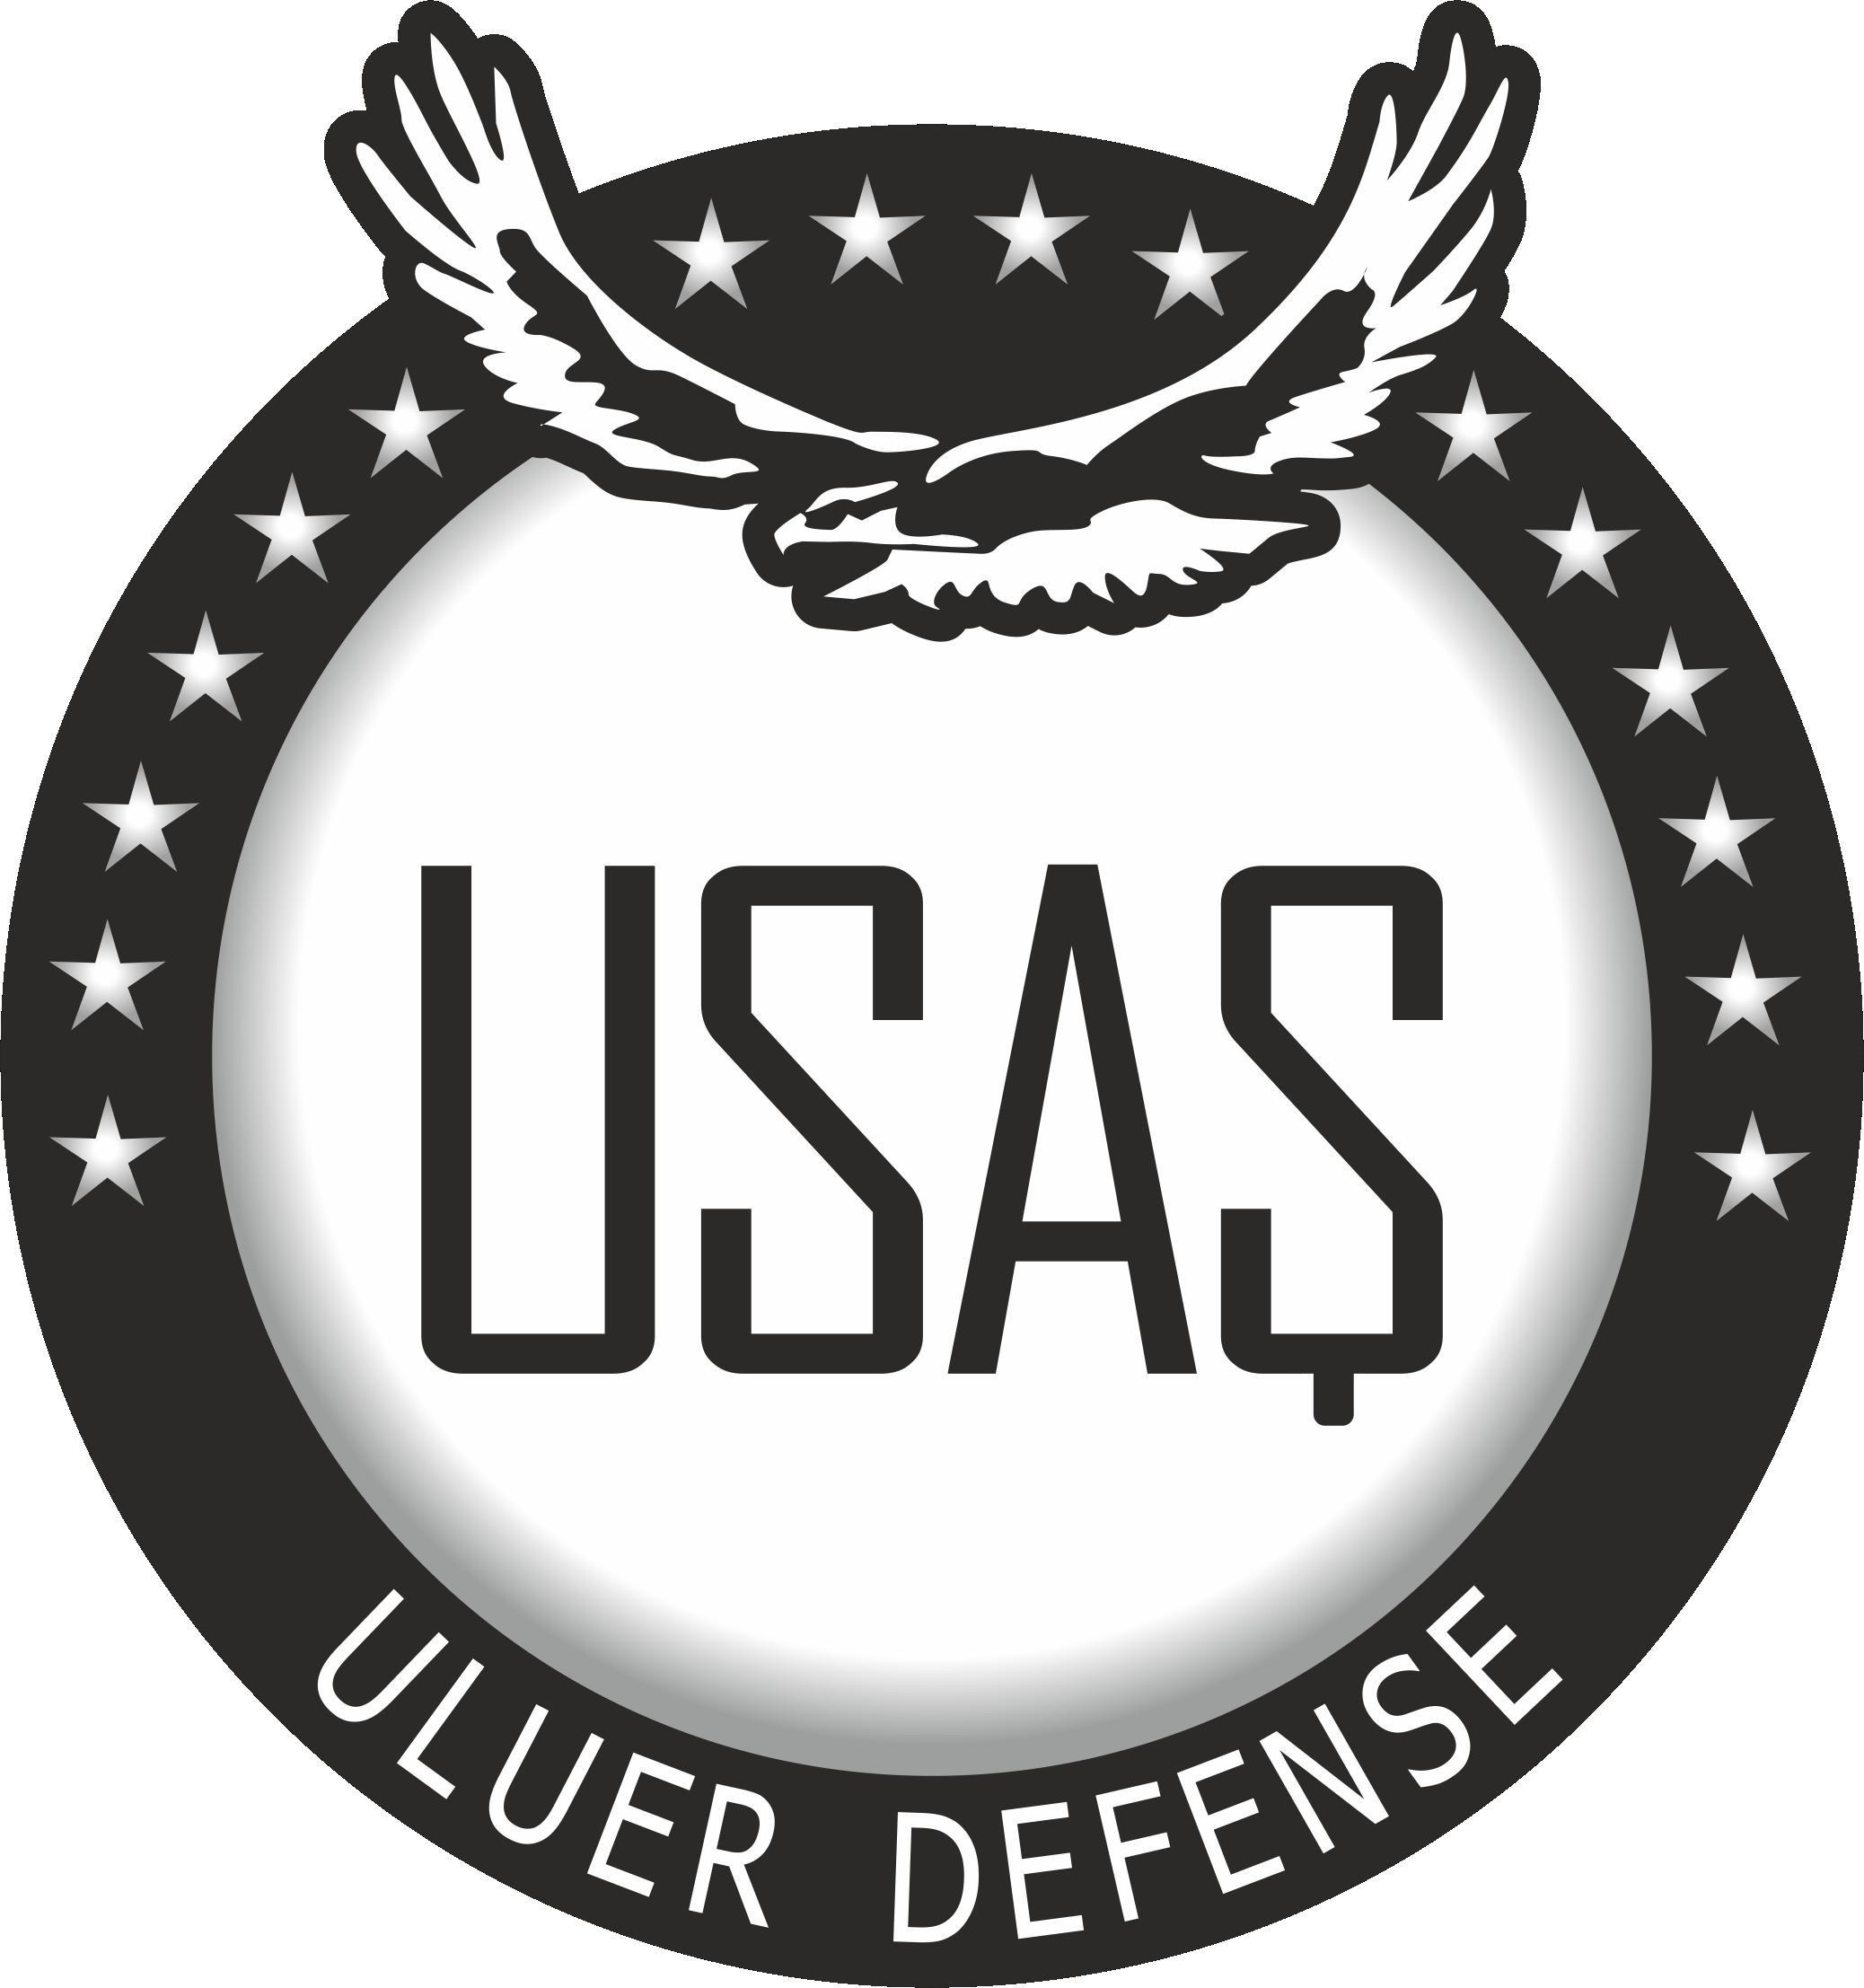 Uluer Defense logo Uluer Savunma – Uluer Group – Uluer Şirketler Grubu